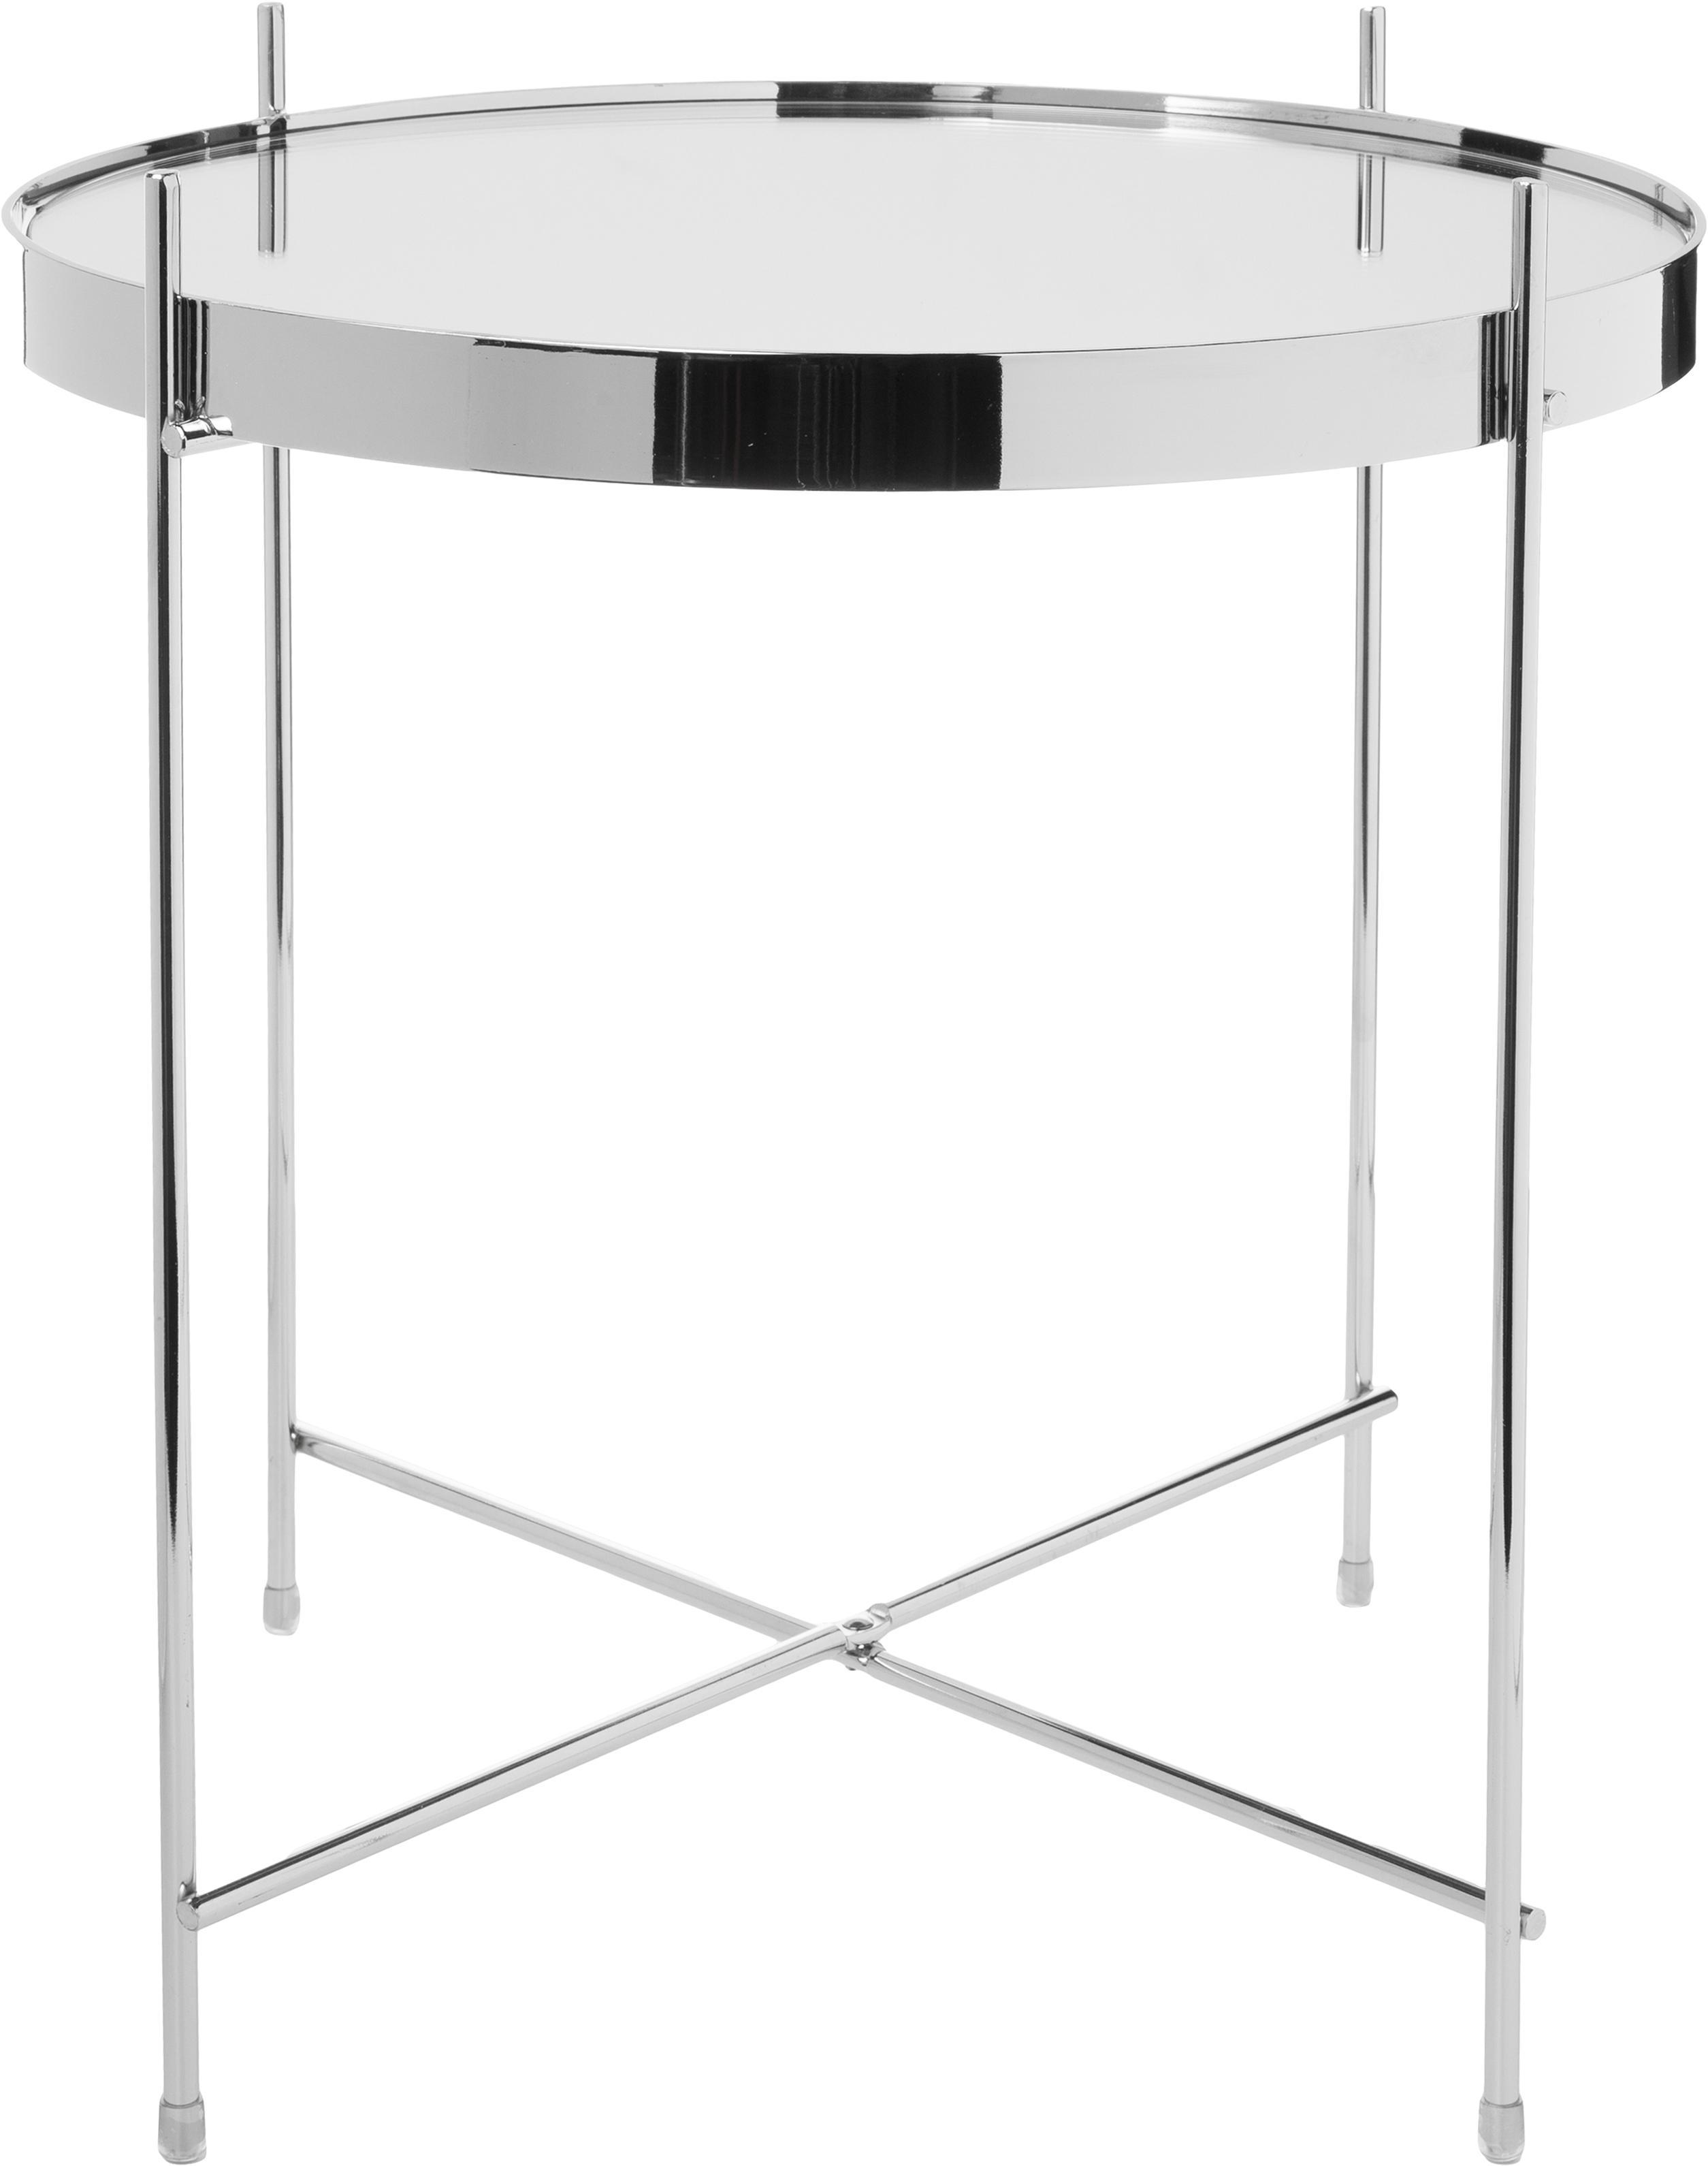 Mesa auxiliar con bandeja de cristal extraíble Cupid, Estructura: hierro, cromado, Tablero: vidrio laminado, Plata, Ø 43 x Al 45 cm